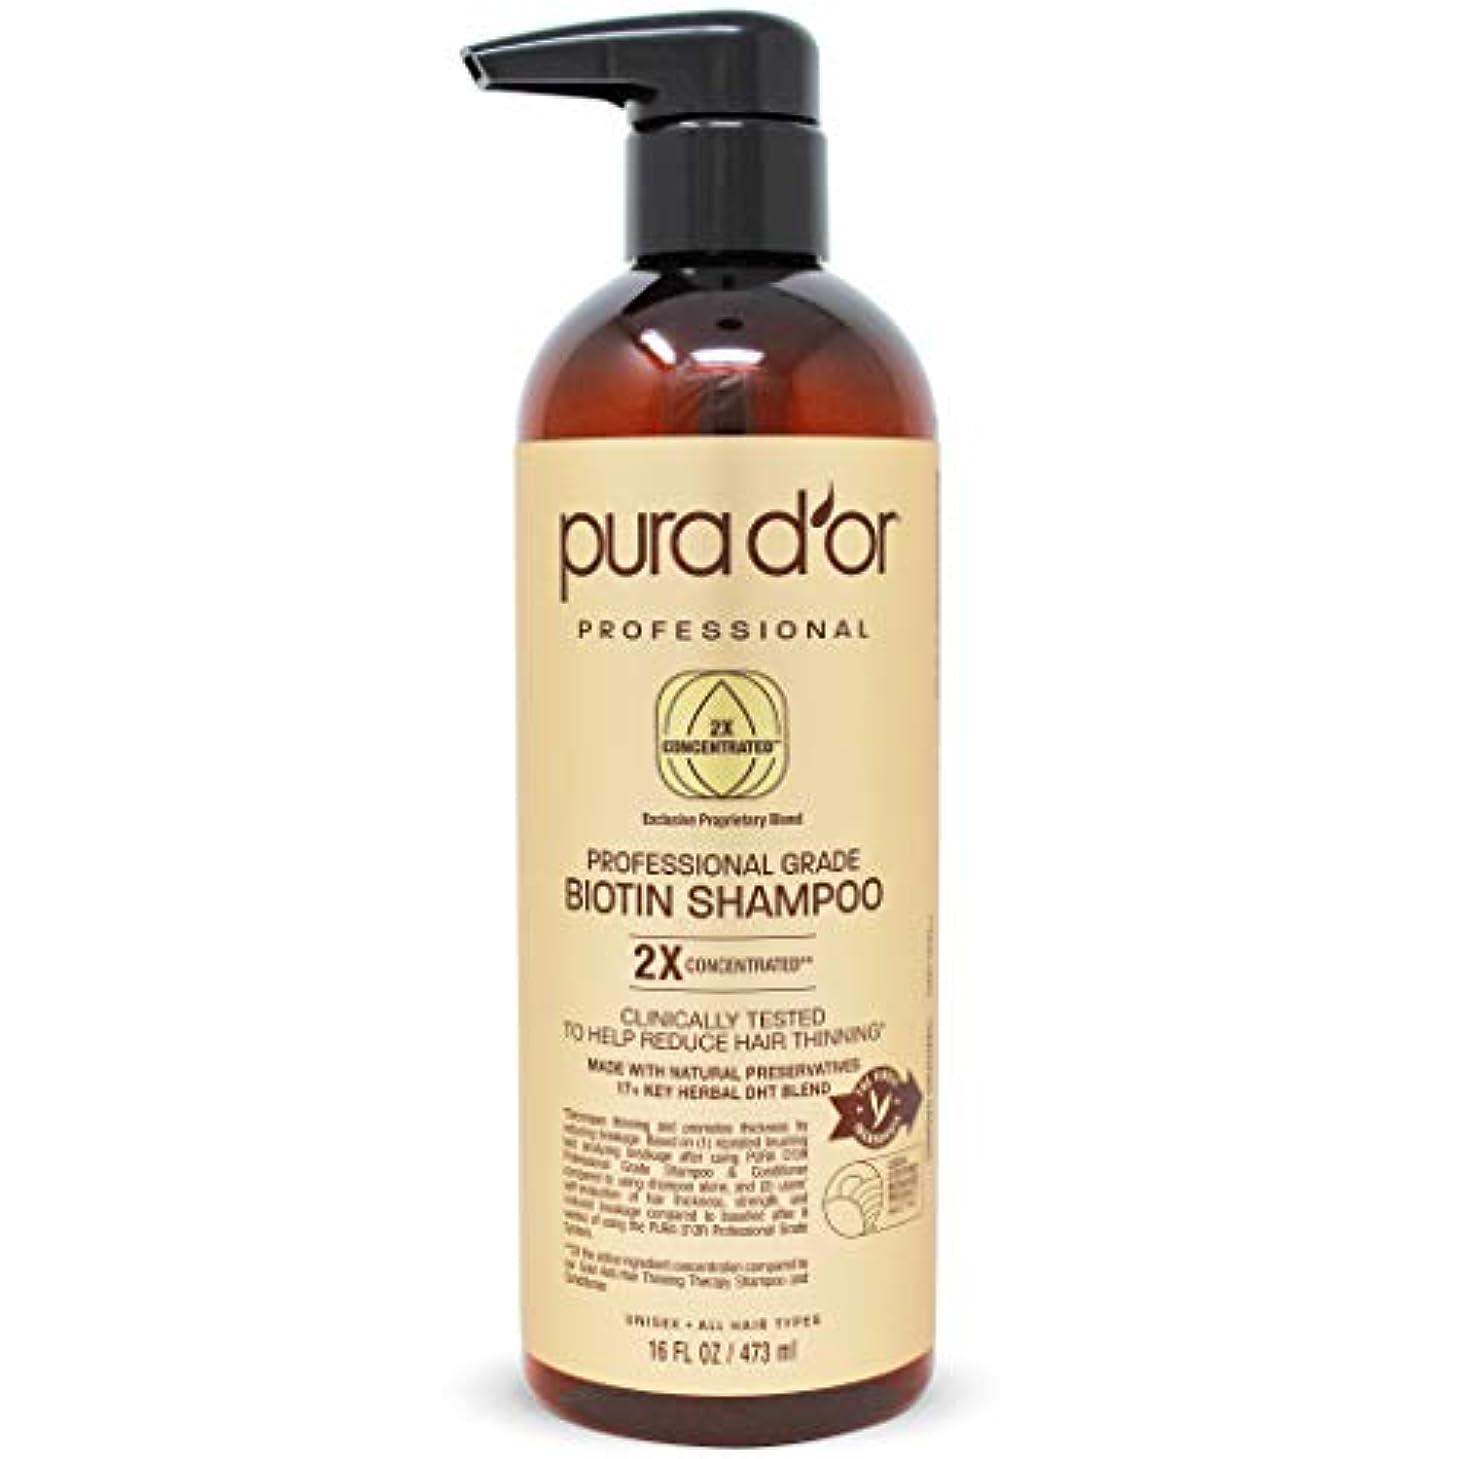 夕方代わりのイヤホンPURA D'OR プロフェッショナル品質 薄毛対策 2X 濃縮 有効成分 効果を高める 天然成分 臨床試験済み、硫酸塩フリー、男性 & 女性、473 ml(16 液量オンス) シャンプー